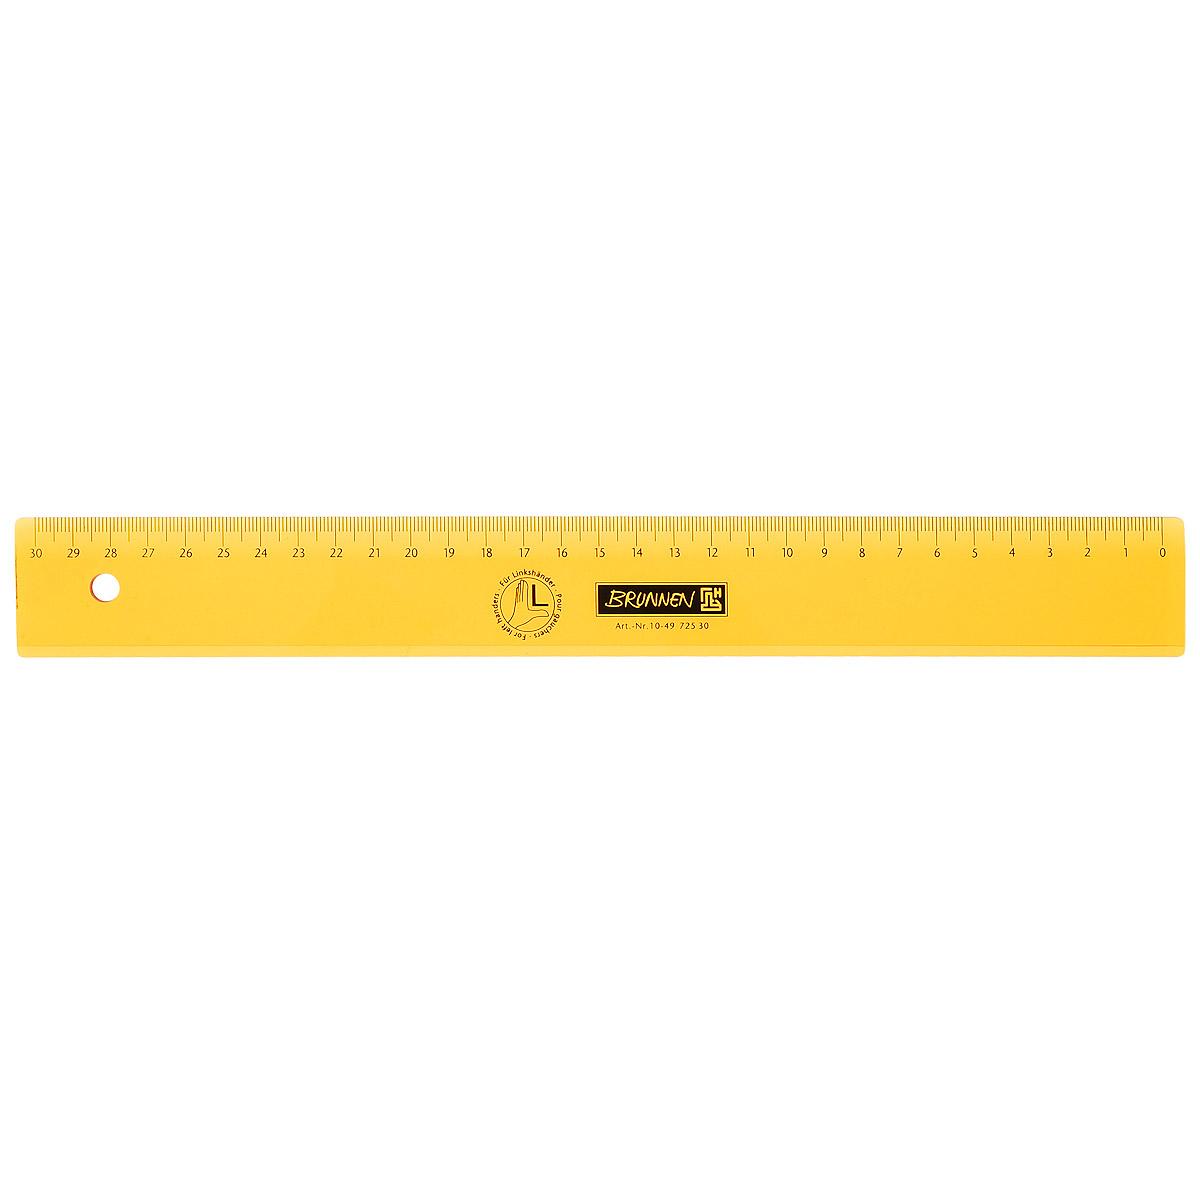 Линейка для левши Brunnen, цвет: желтый, 30 смЕ-26004 00_салатовыйЛинейка Brunnen, длиной 30 см, выполнена из прозрачного пластика желтого цвета. Линейка предназначена специально для левшей. Шкала на линейке расположена справа налево. Линейка Brunnen - это незаменимый атрибут, необходимый школьнику или студенту, упрощающий измерение и обеспечивающий ровность проводимых линий.